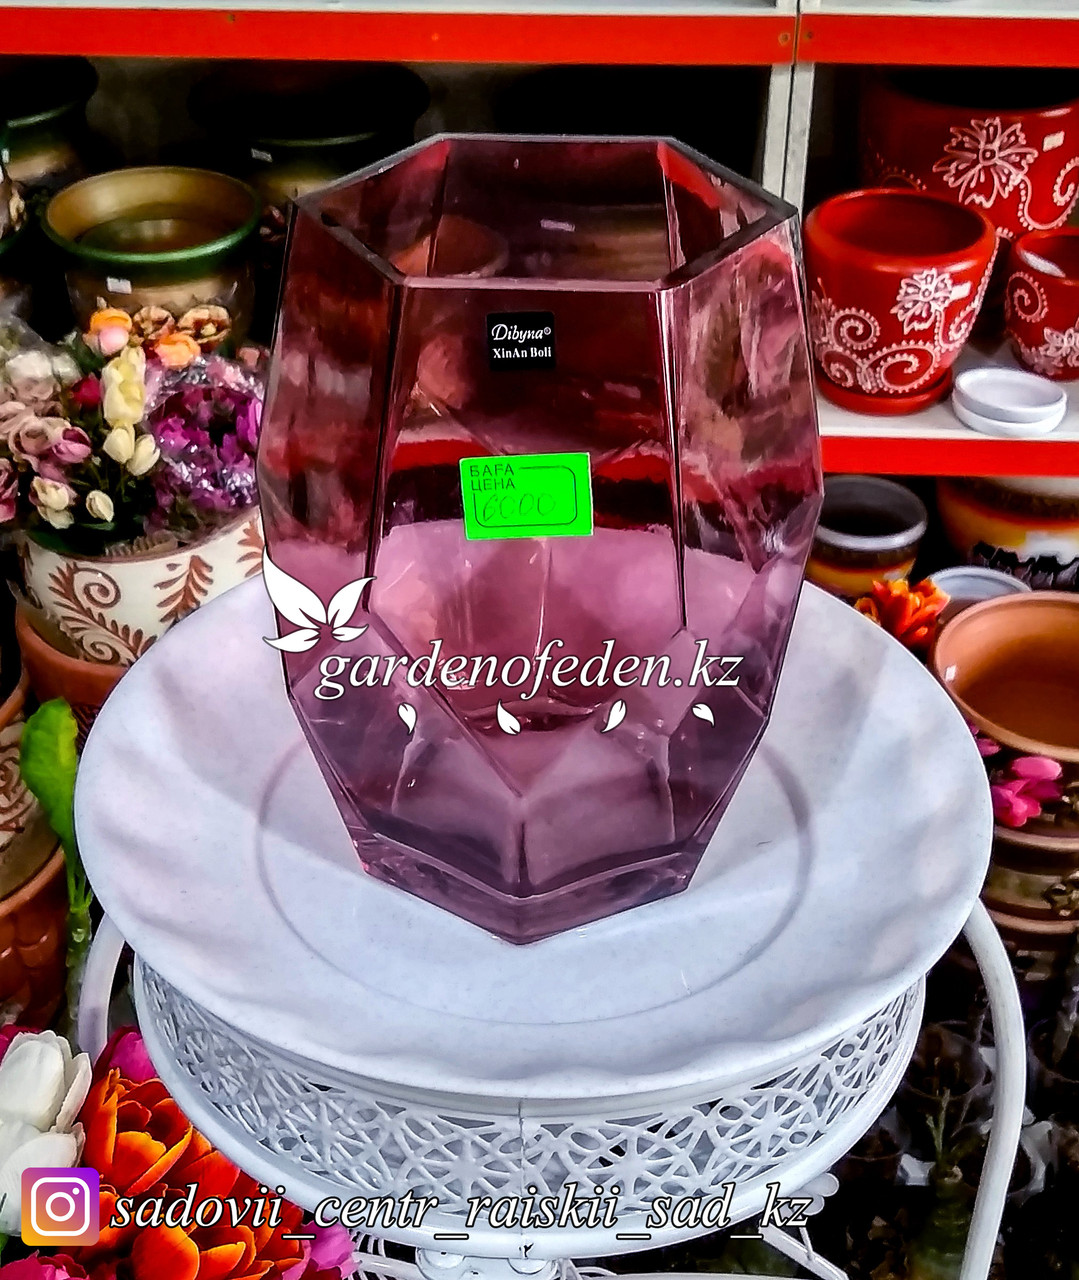 Стеклянная, декоративная ваза в форме ромба. Высота 20см. Цвет: Розовый.